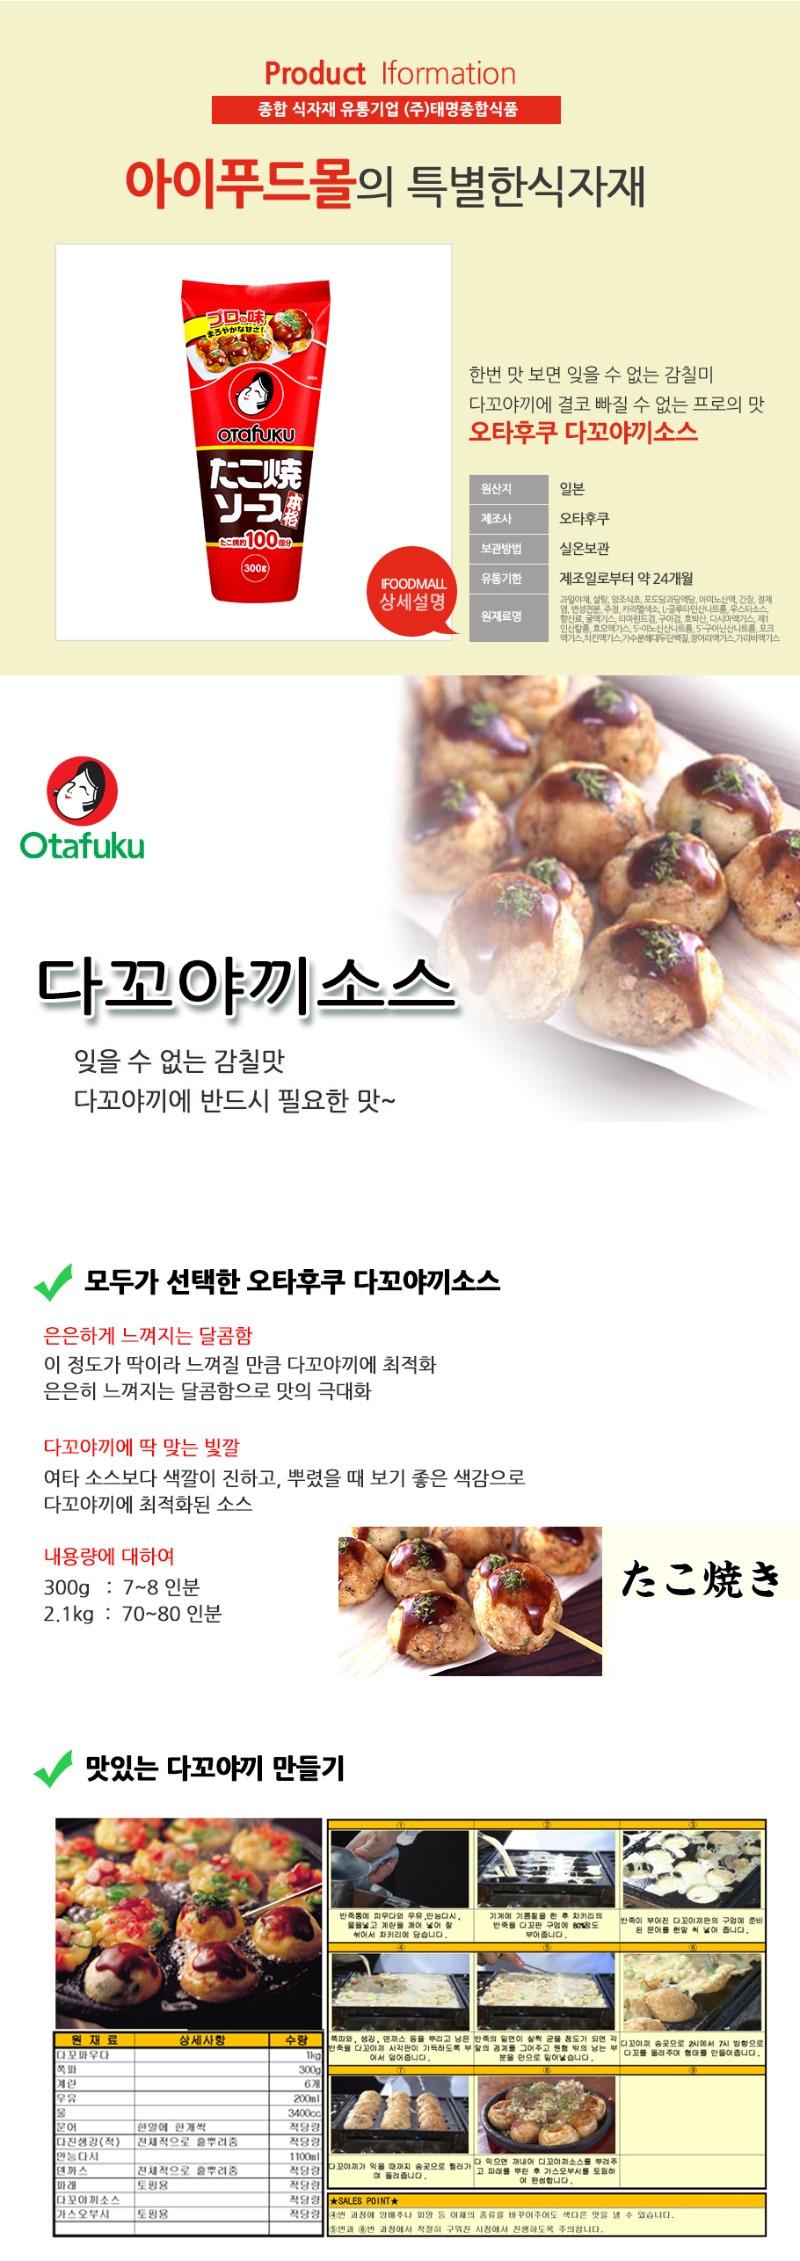 다꼬야끼소스 300g 상품정보1.jpg